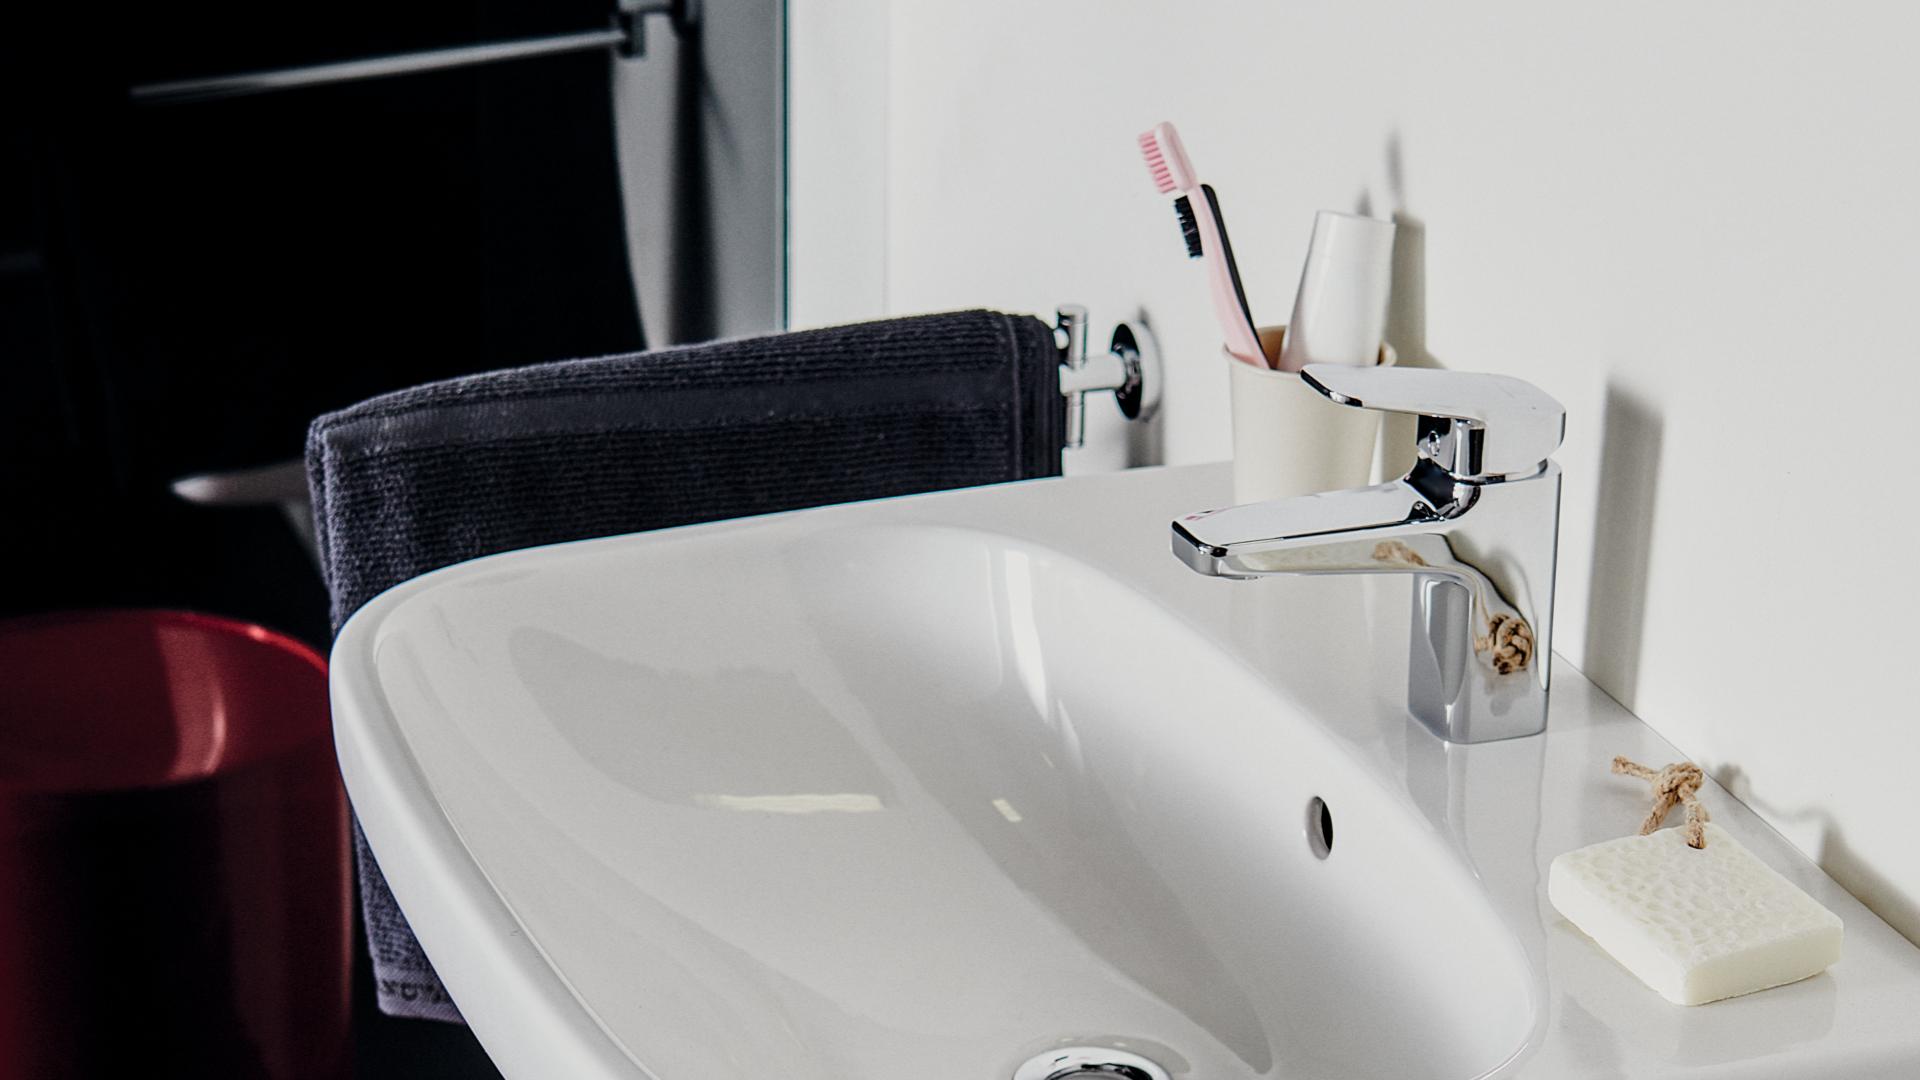 Komplettbadlsungen   Alle Produkte frs Bad   Ideal Standard